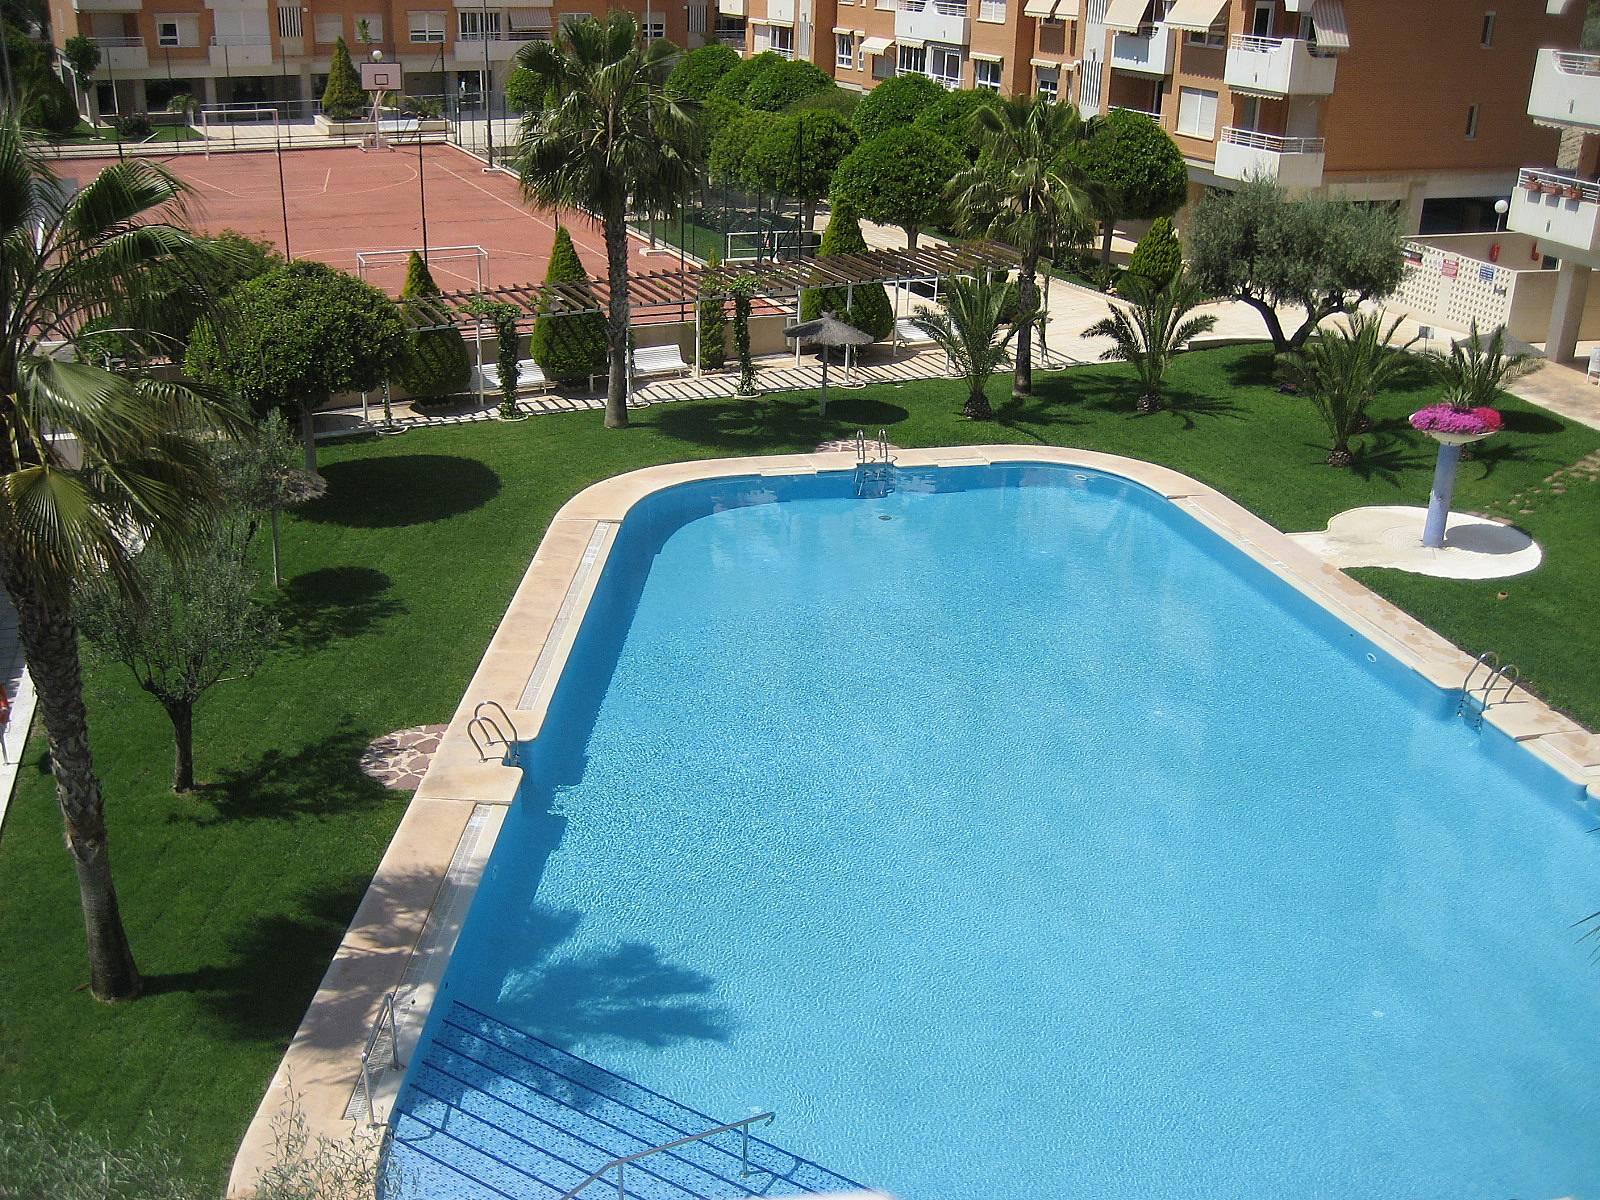 Playa san juan apartamento playa y piscina alicante for Piscina alicante